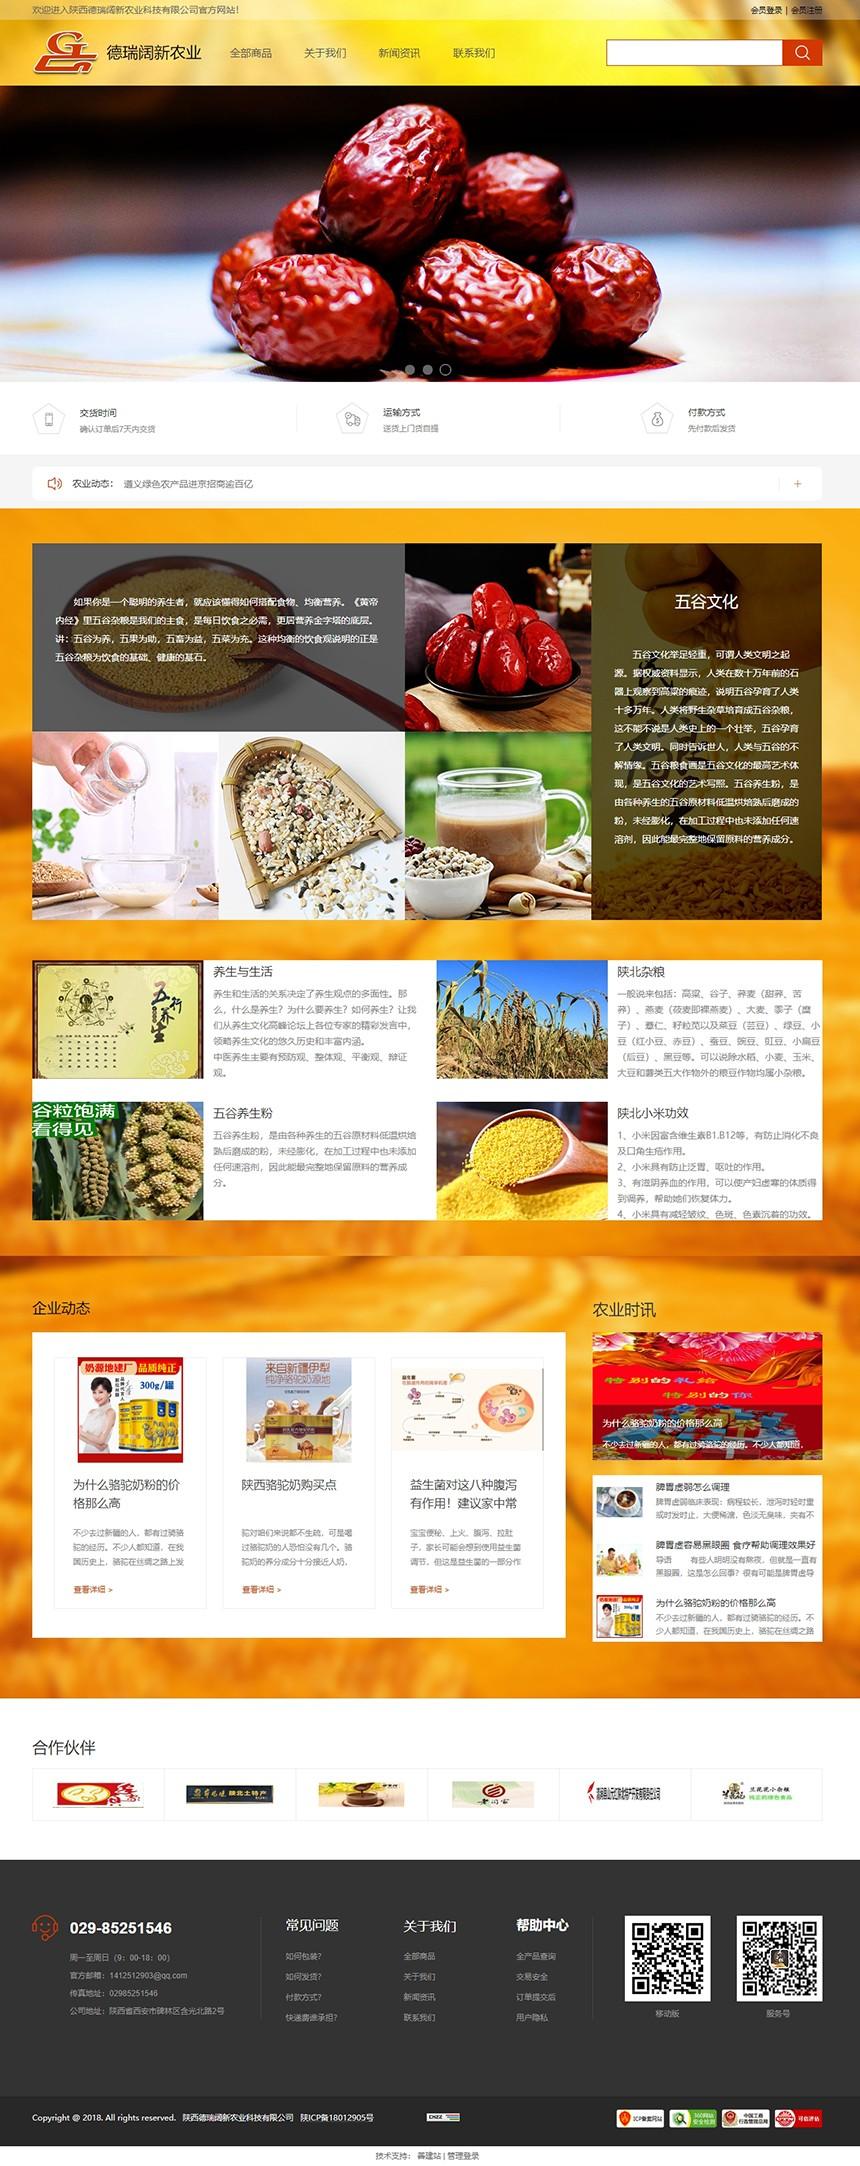 陕西德瑞阔新农业科技有限公司_陕西特产_农产品养生.jpg